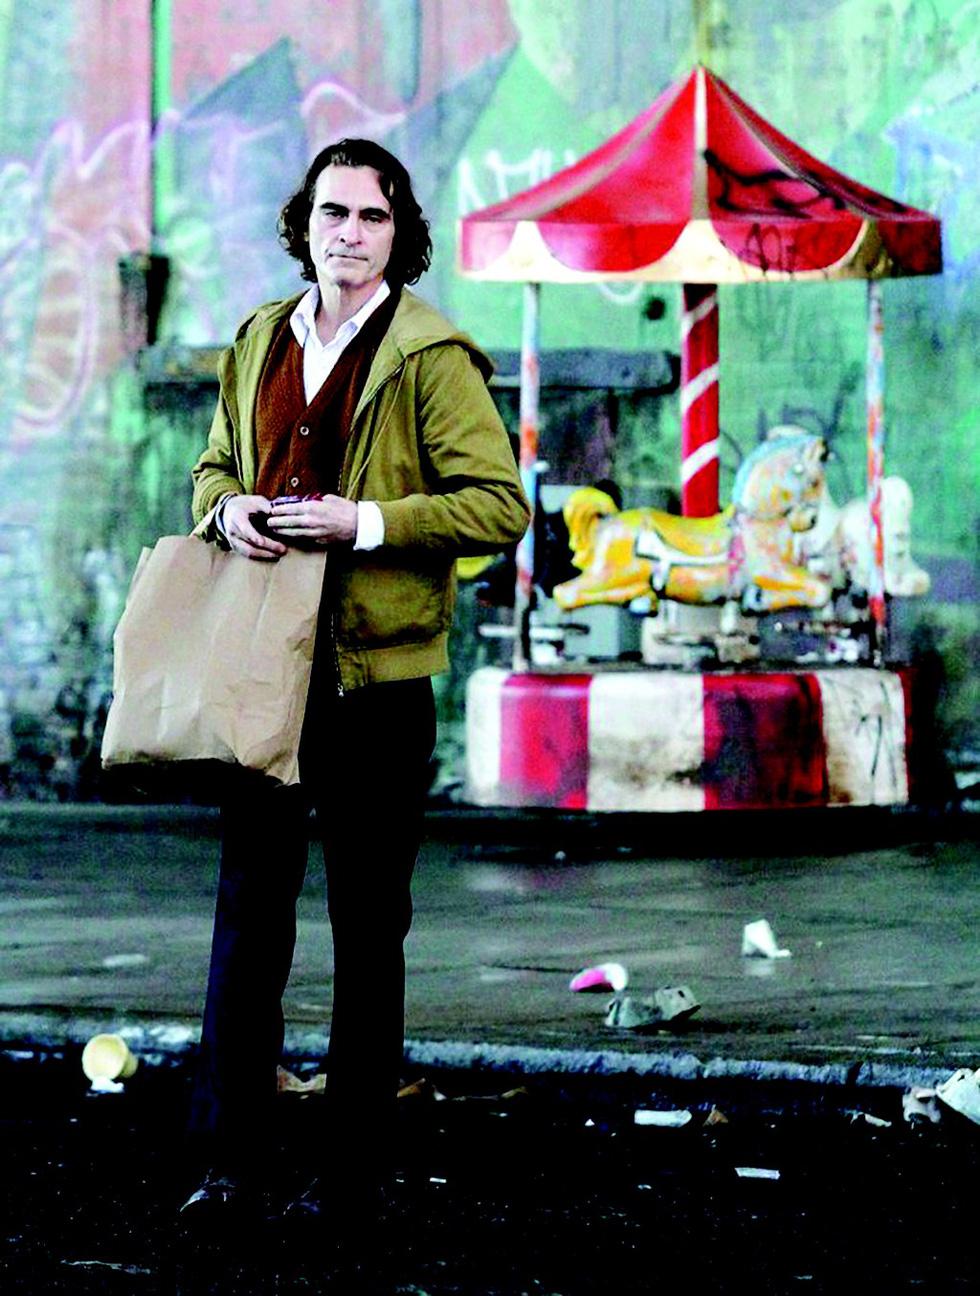 Joker: Đừng để cái ác nảy mầm - Ảnh 6.